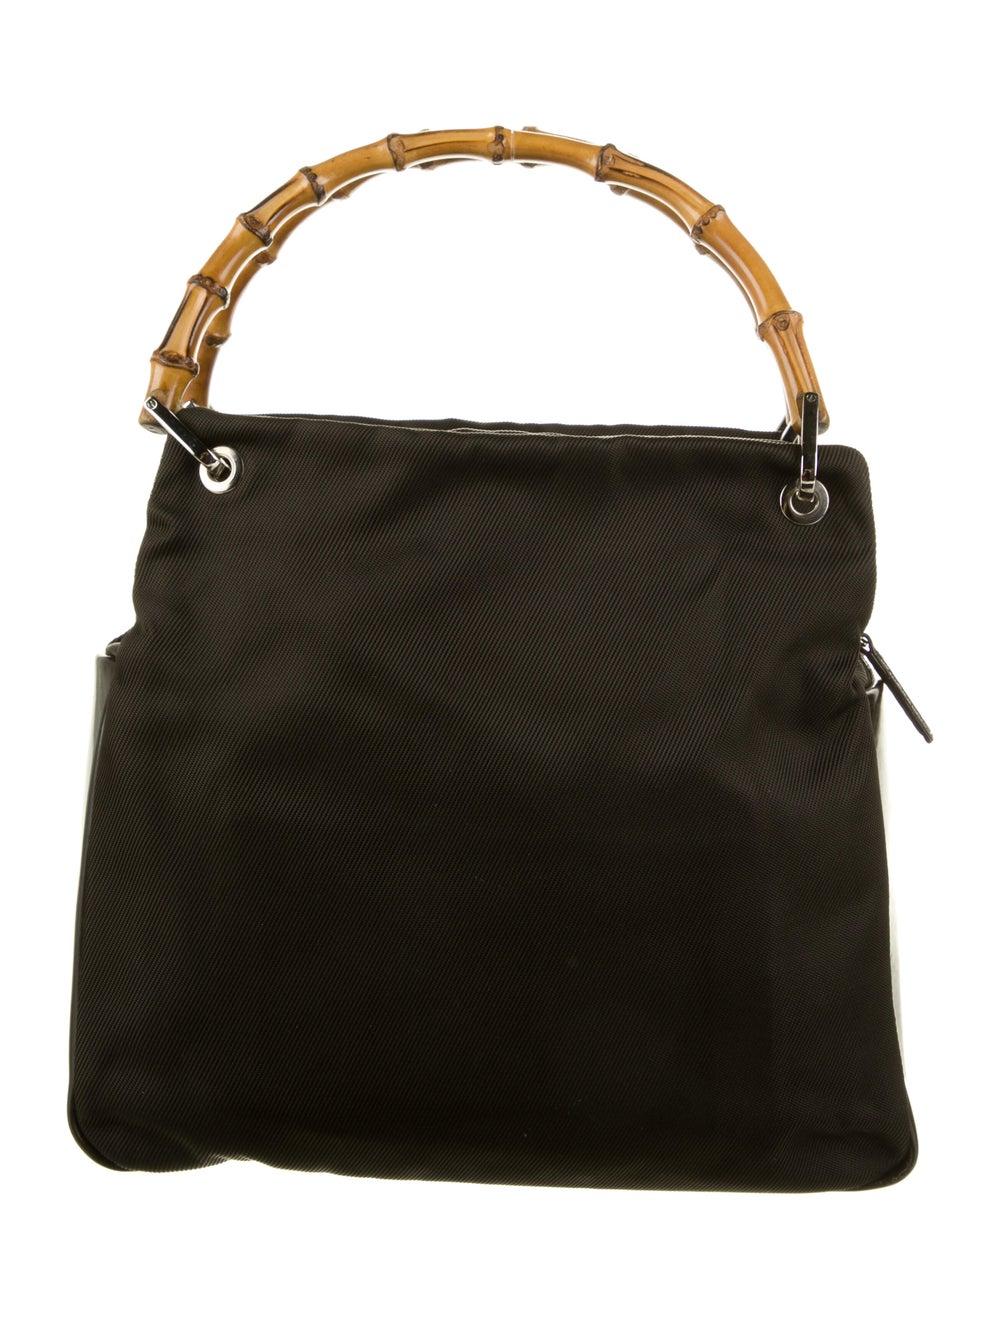 Gucci Vintage Nylon Bamboo Bag Brown - image 1